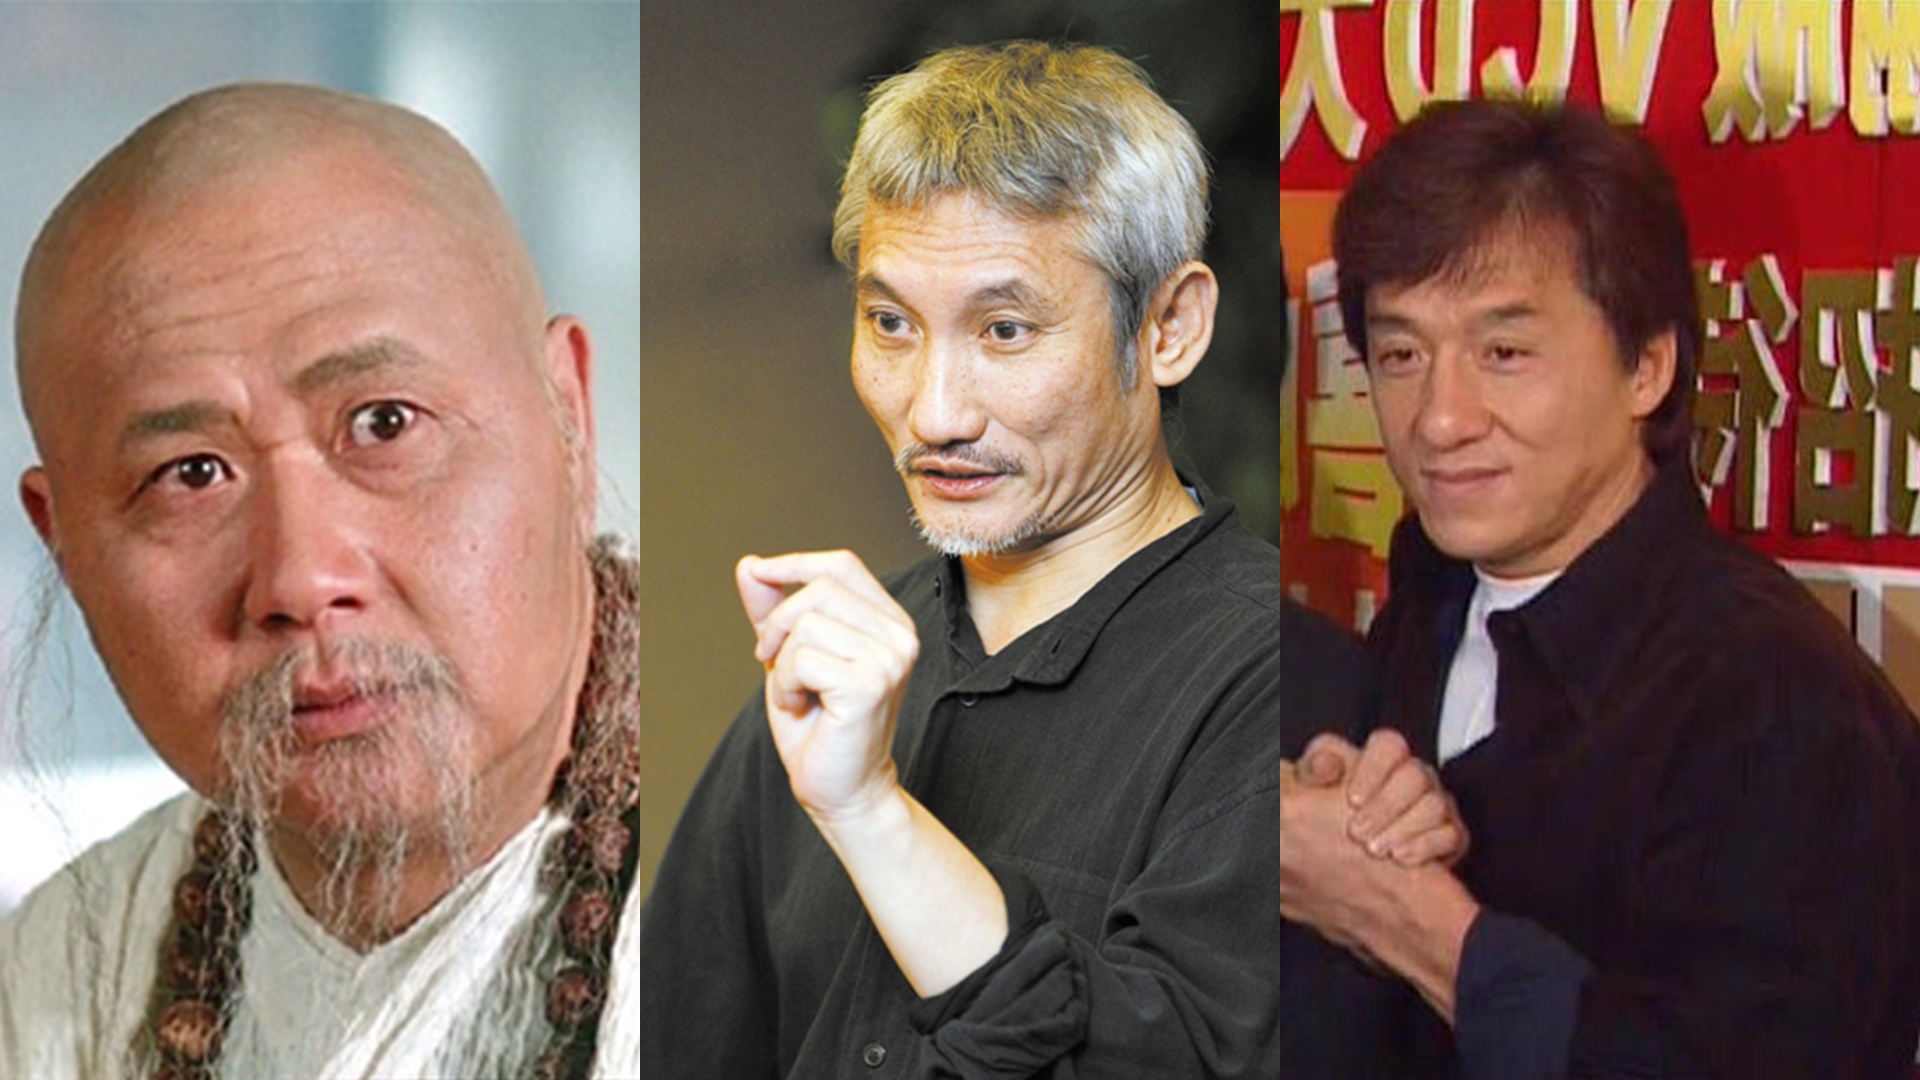 还有谁!那些年除了冯小刚以外客串周星驰电影的大佬们,部部经典